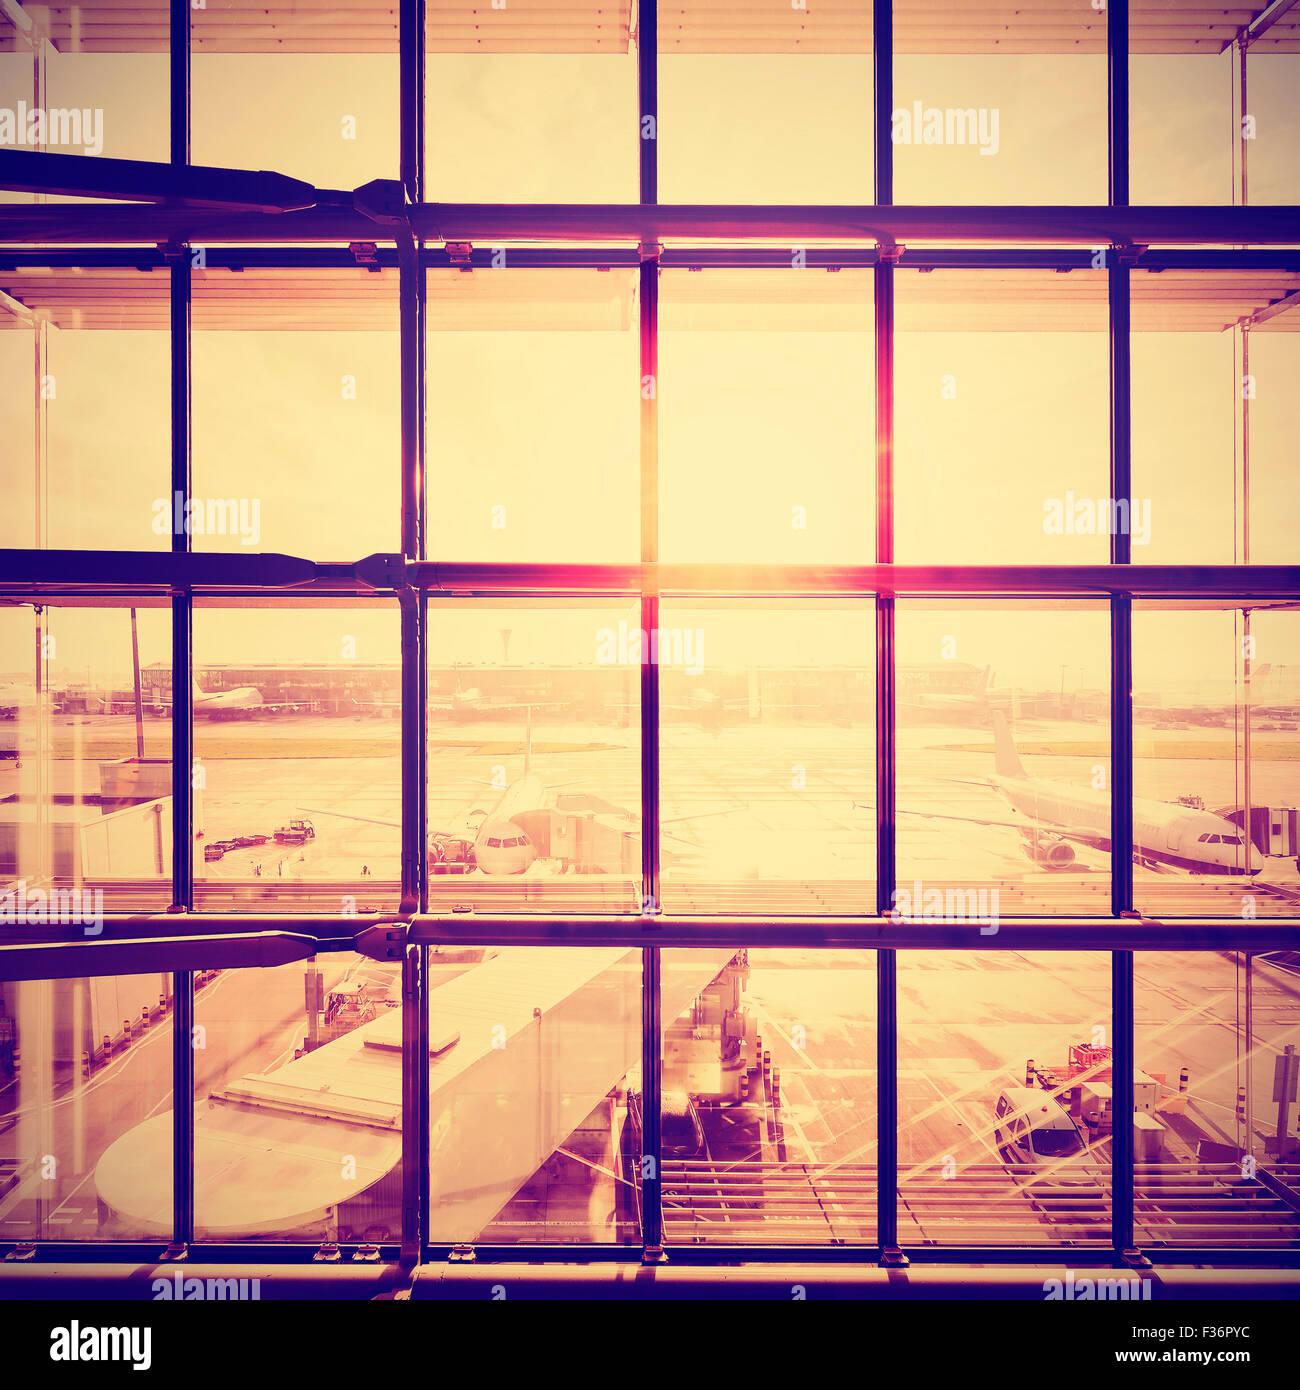 Photo stylisée Instagram d'un aéroport, les transports et les voyages d'affaires concept. Photo Stock